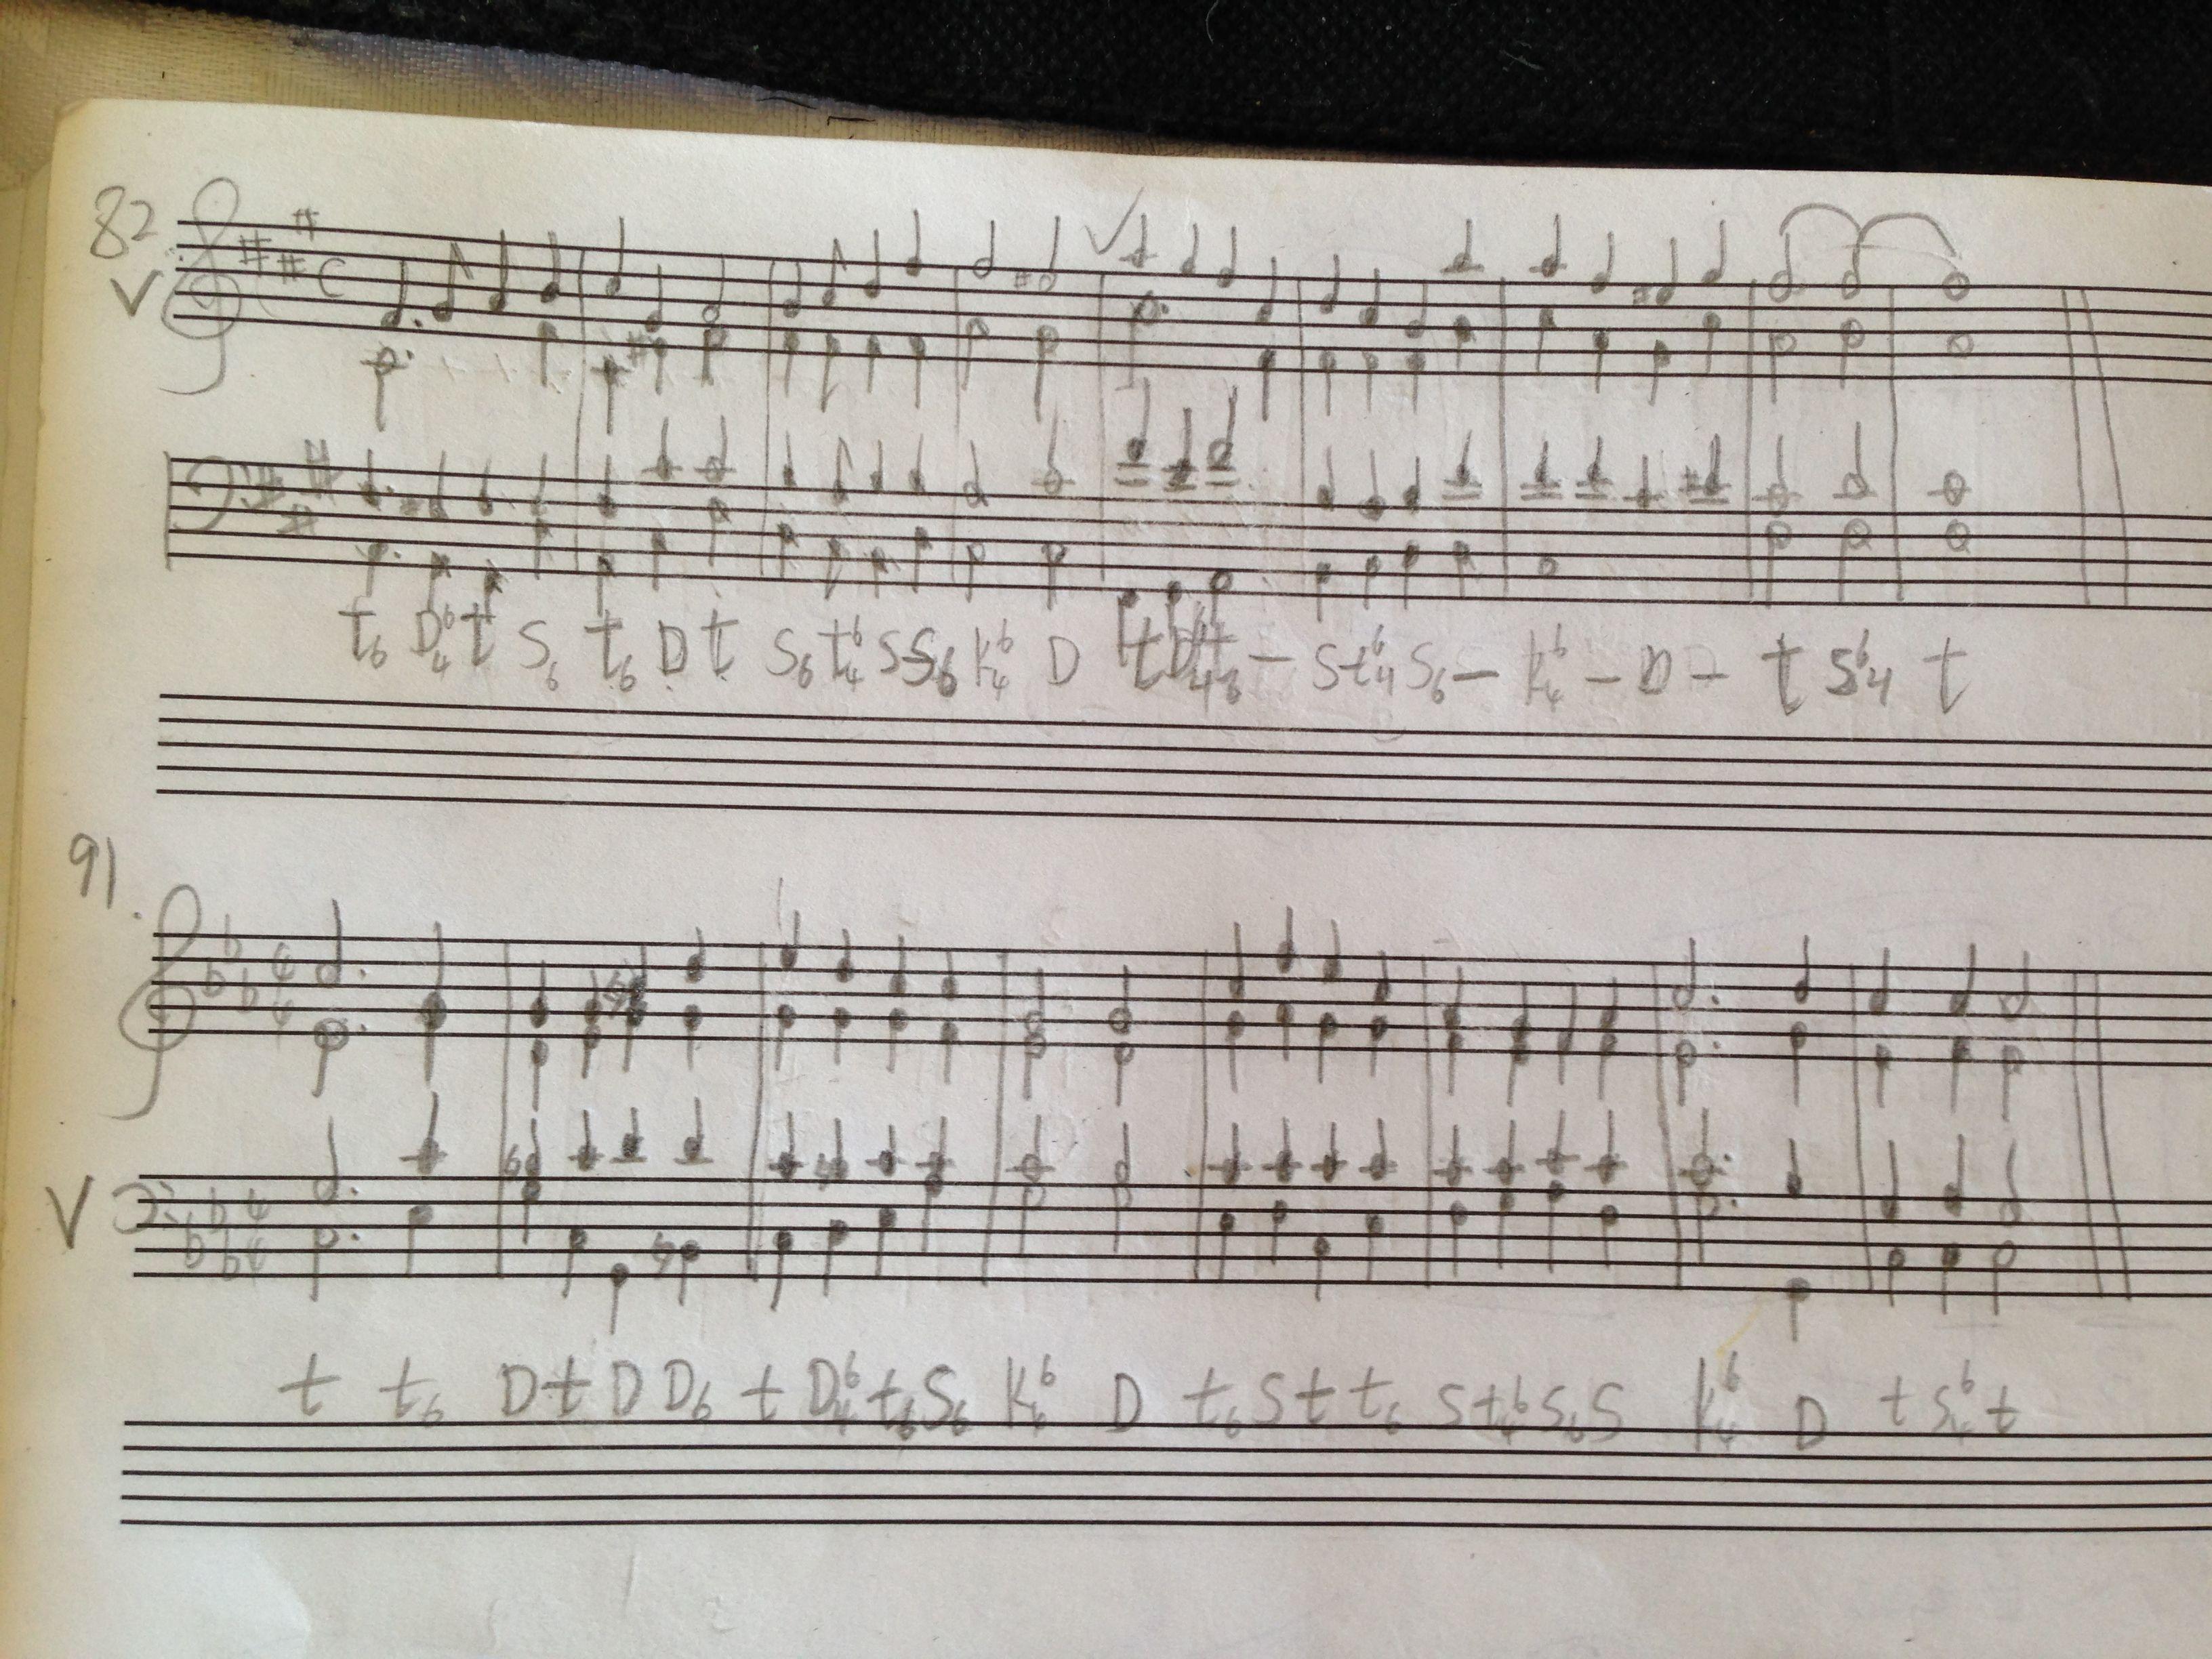 独特口风琴乐谱分享展示图片